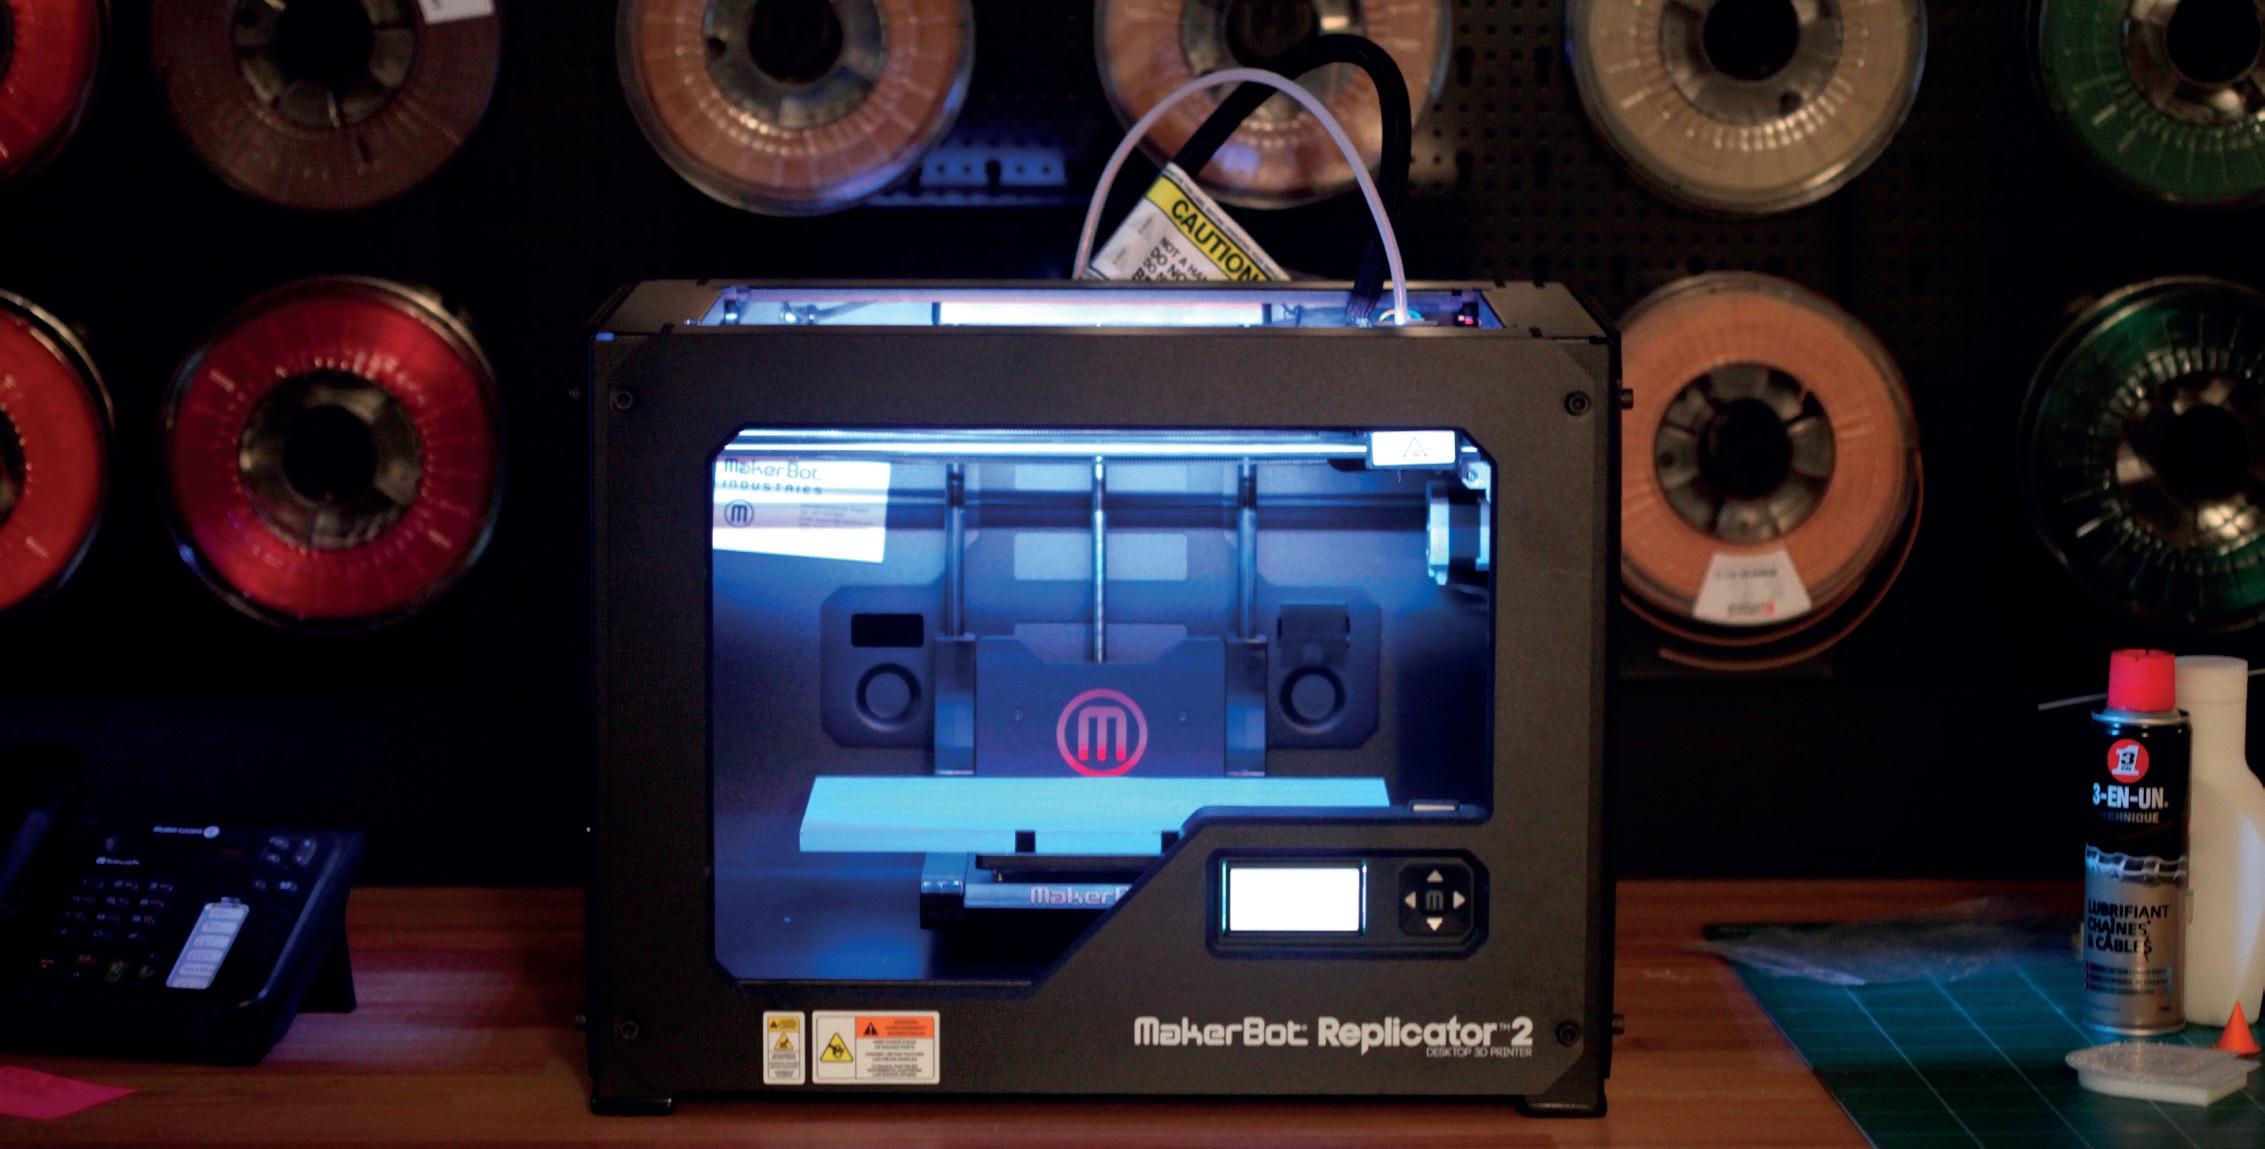 Makerbot-Replicator-2-1